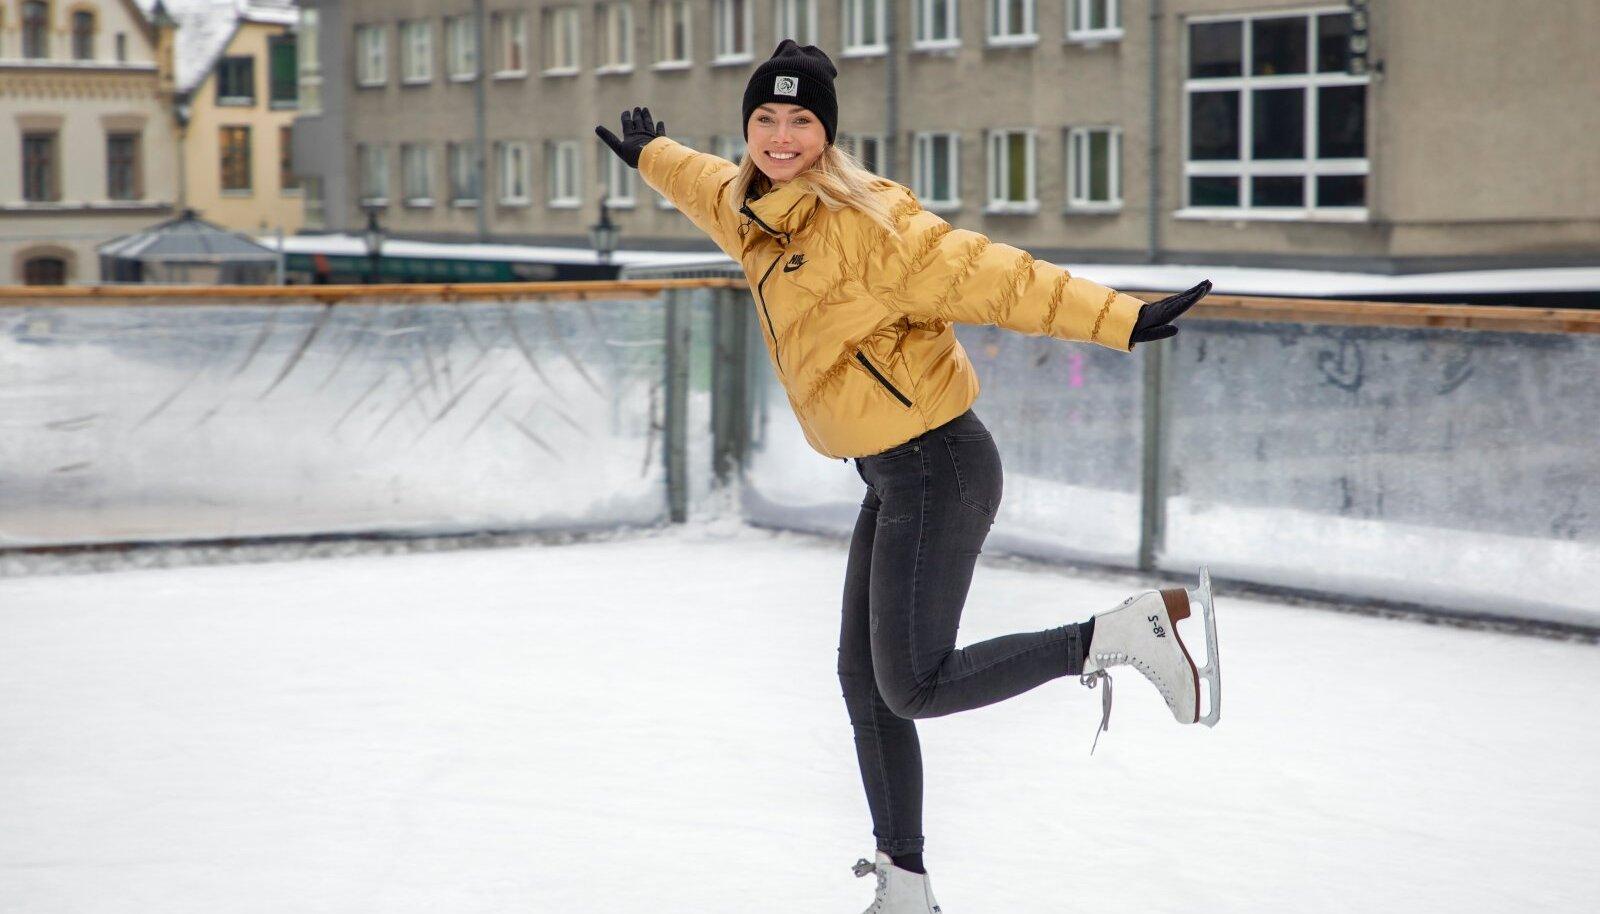 """""""Kui vähegi võimalust, minge õue,"""" õhutab kiiruisutaja Saskia Alusalu Tallinna Vanalinna Uisupargis Harju tänaval, üle mitme aasta jalas ilu-, mitte kiiruisud. Ägedad liuglemispaigad võivad liuväljade kõrval olla ka üleujutatud jääkattega põllud või järved."""